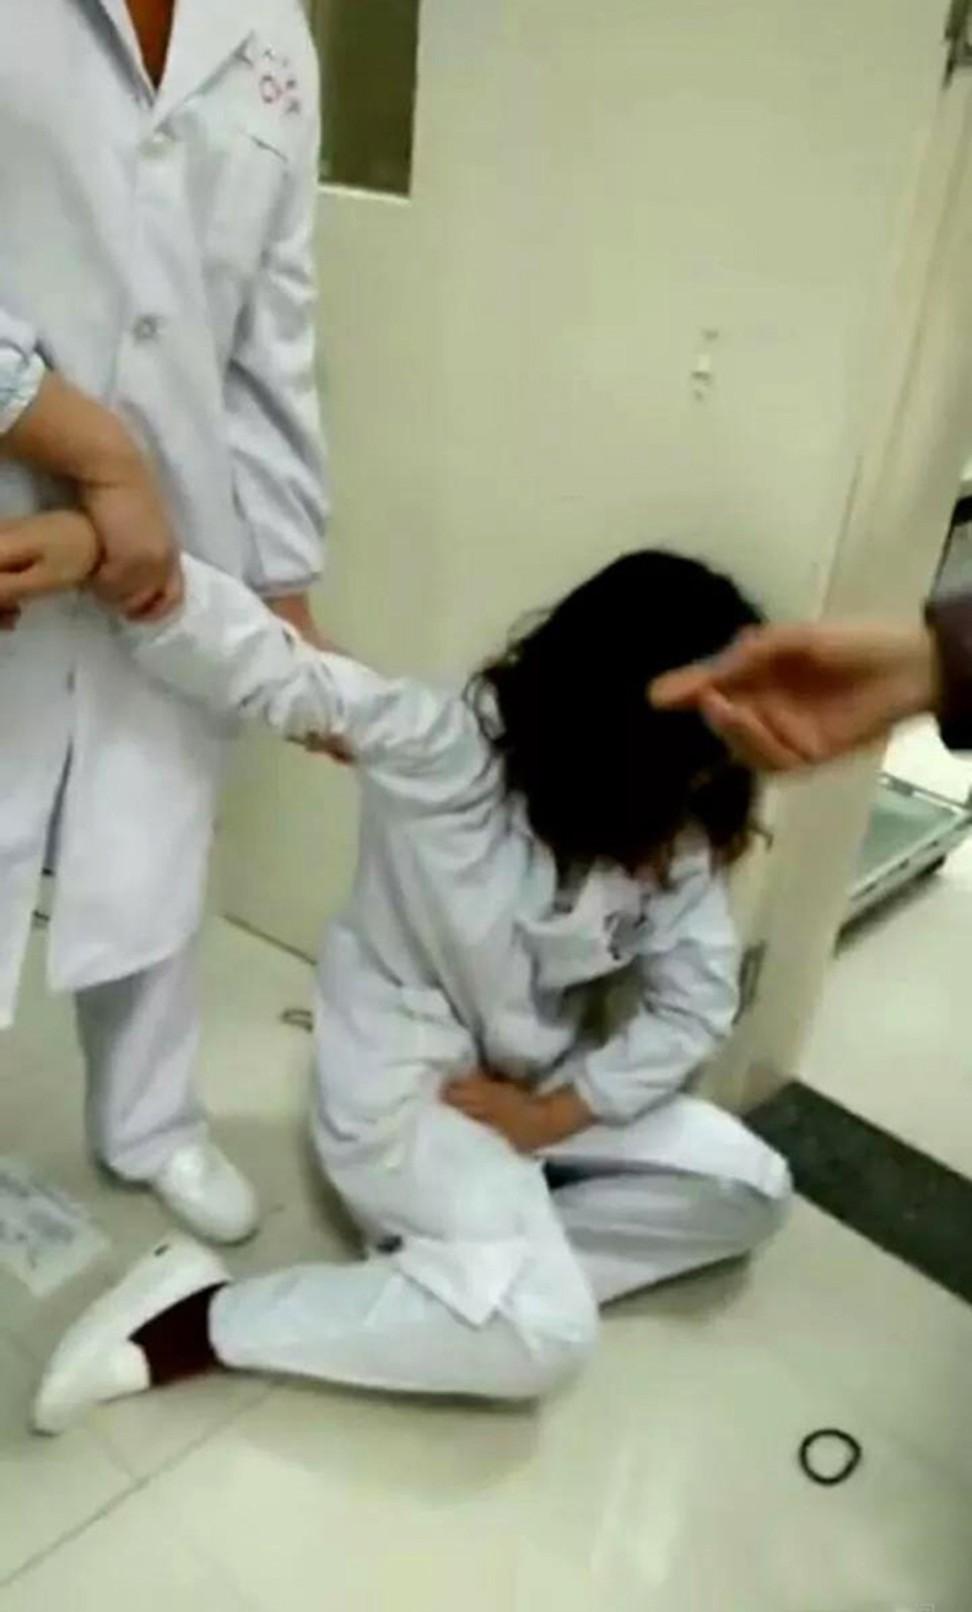 Quan huyện bị sa thải vì vợ đánh y tá mang bầu